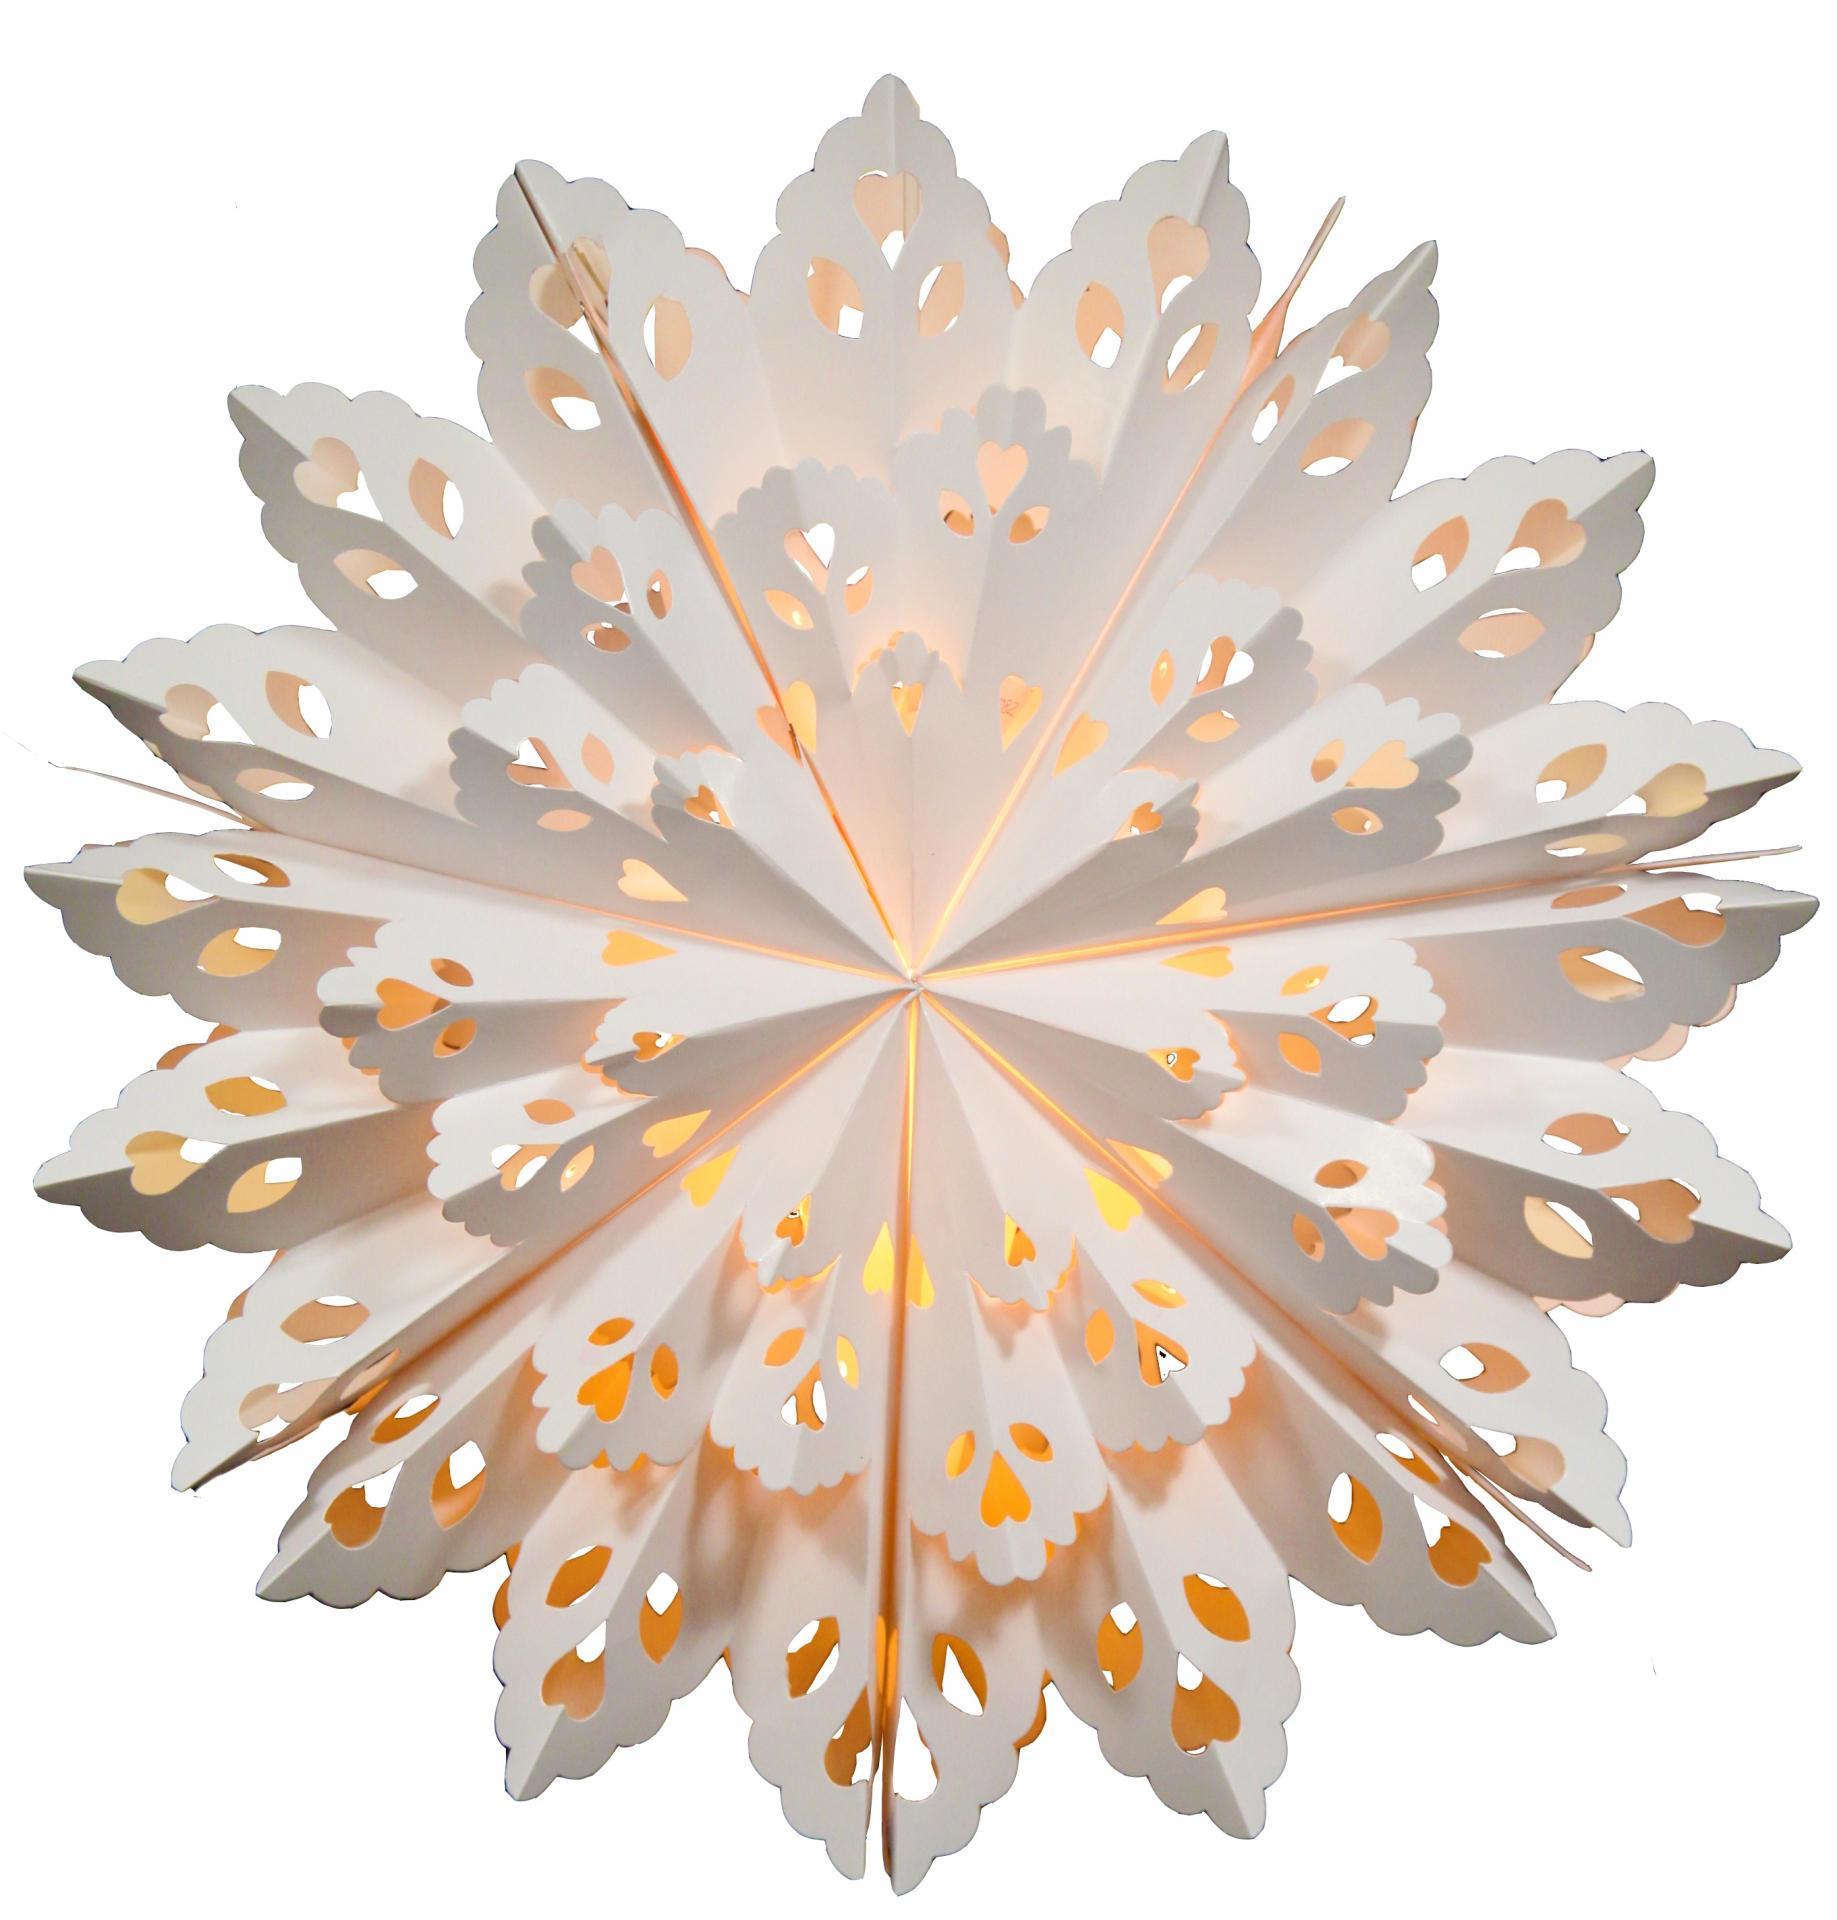 STAR TRADING Závěsná svítící hvězda Flinga White 60 cm, bílá barva, papír